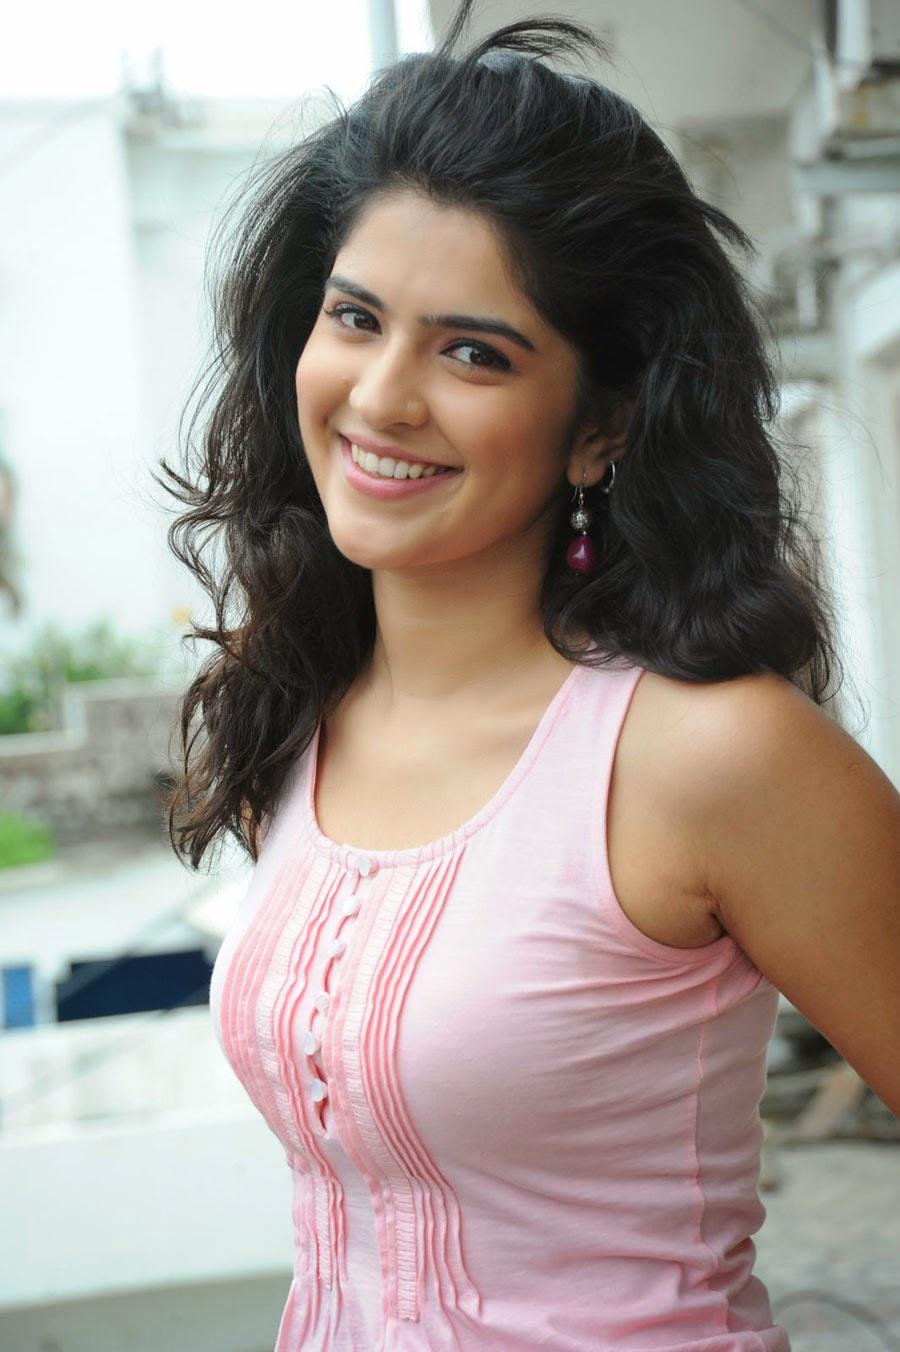 Yami Gautam Wallpapers Cute Deeksha Seth Hot Full Photo Gallery Deeksha Seth Hd